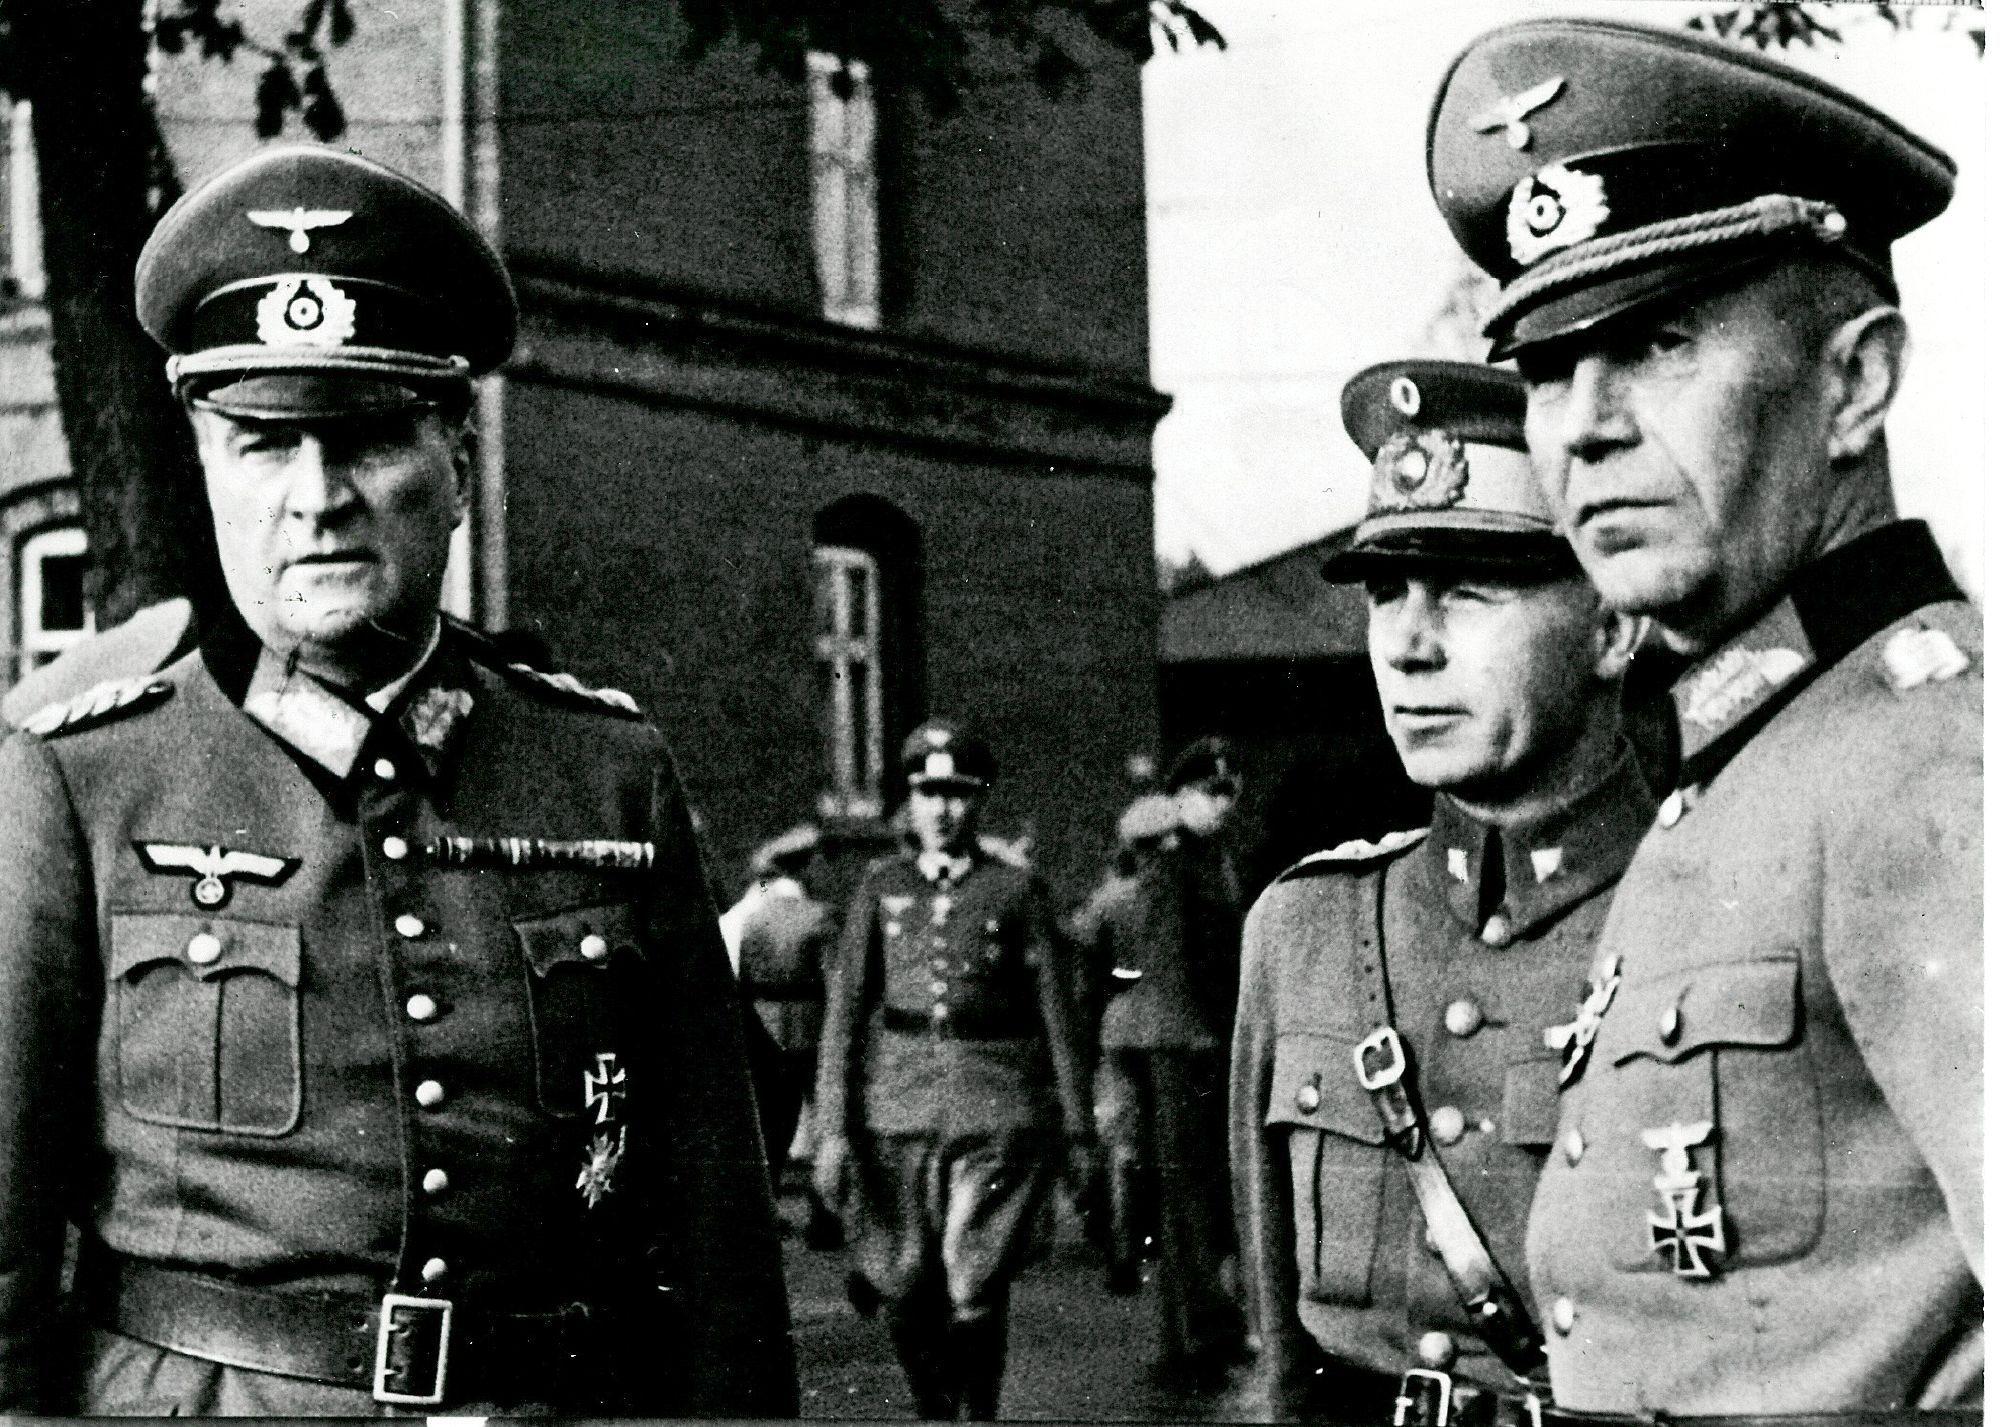 Военный комендант Бреста для захвата вокзала запросил особых специалистов